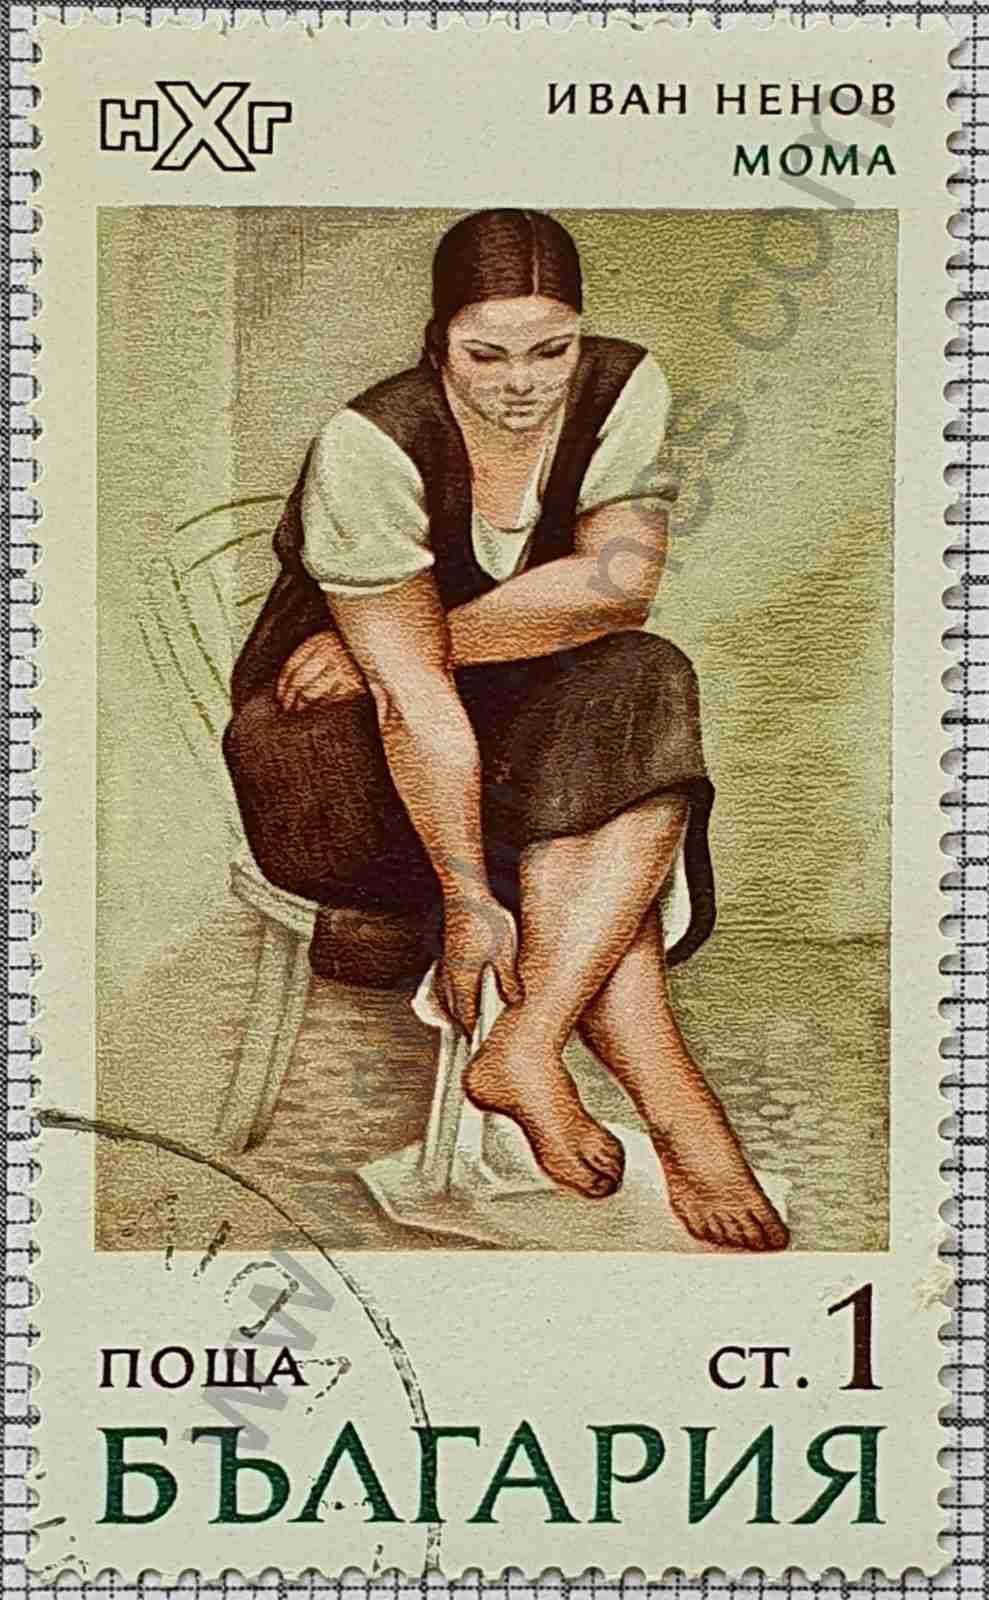 Cuadro de Ivan Nenov - Sello Bulgaria año 1971